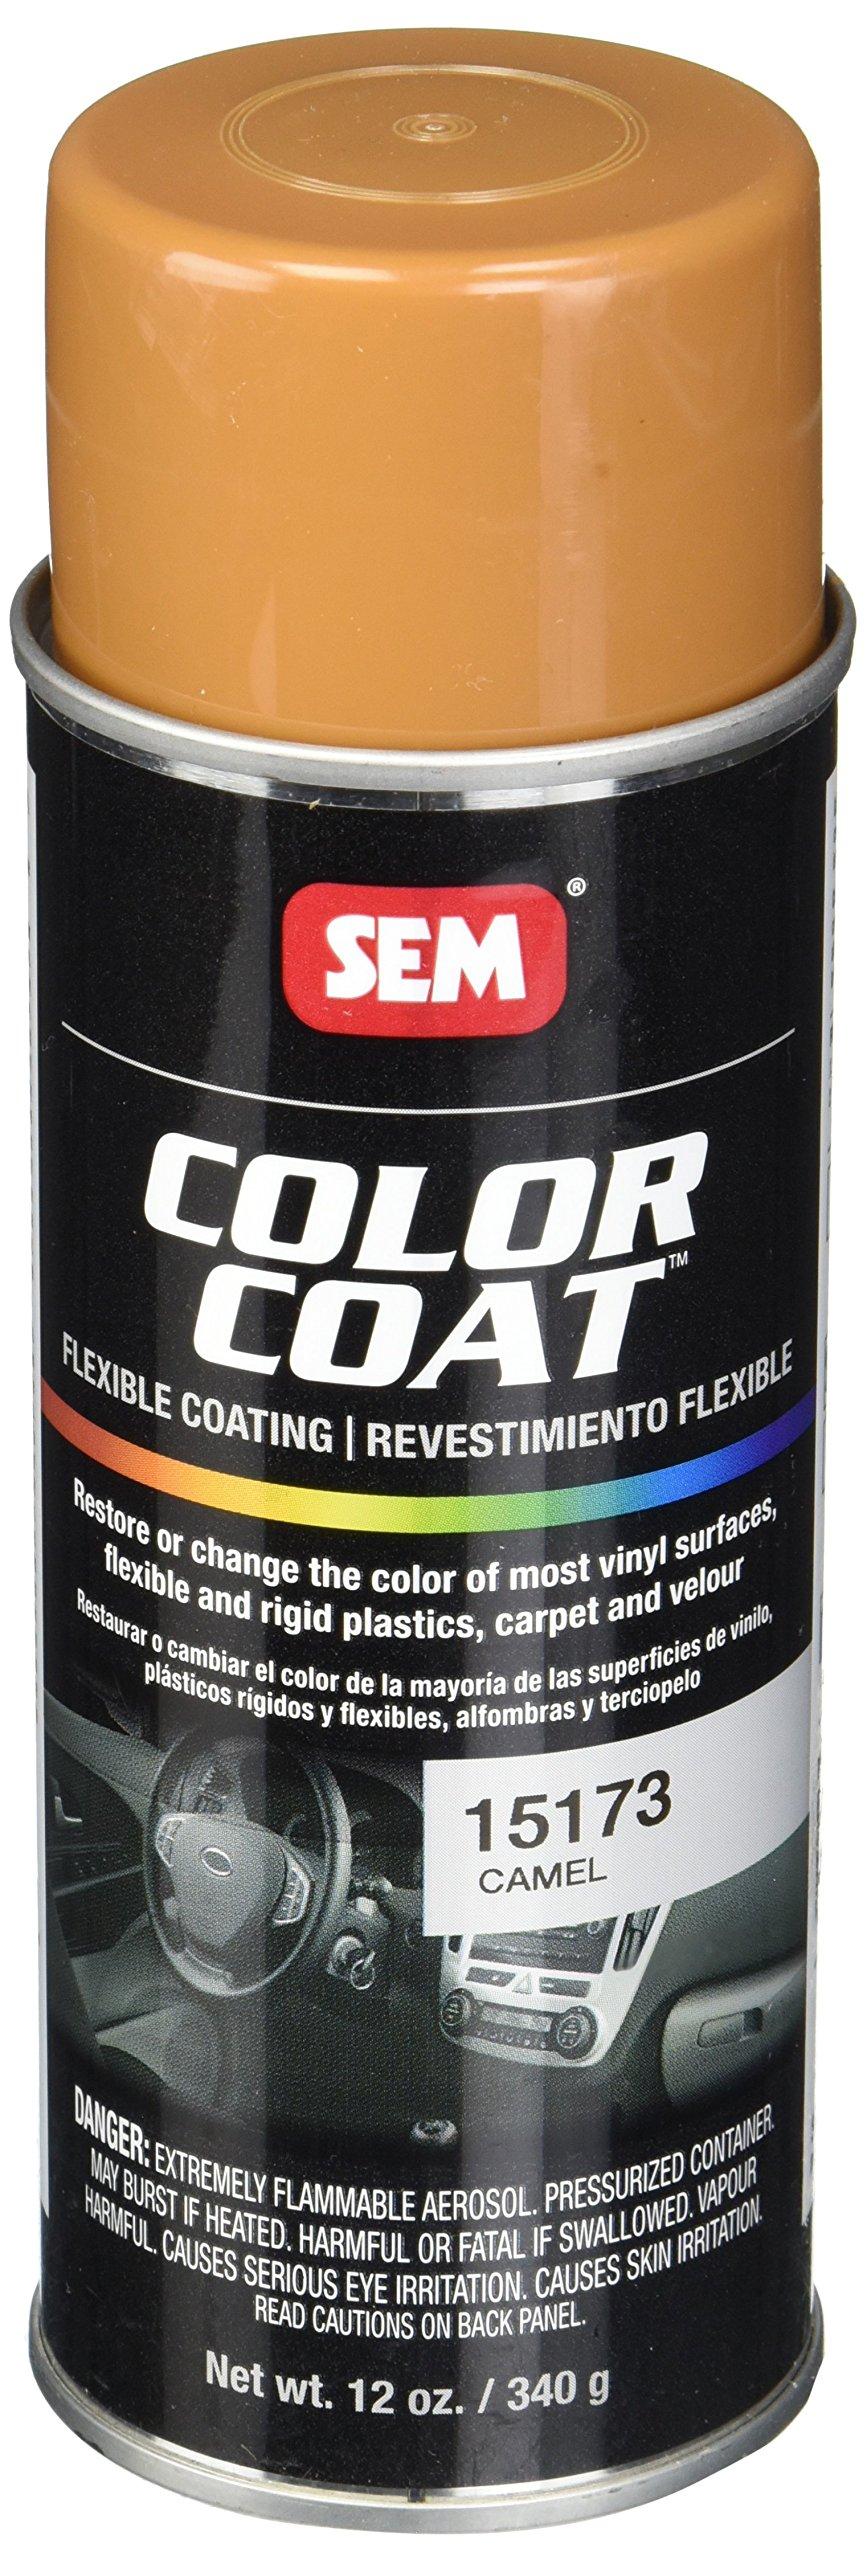 SEM Products 15173 Camel Color Coat - 12 oz.